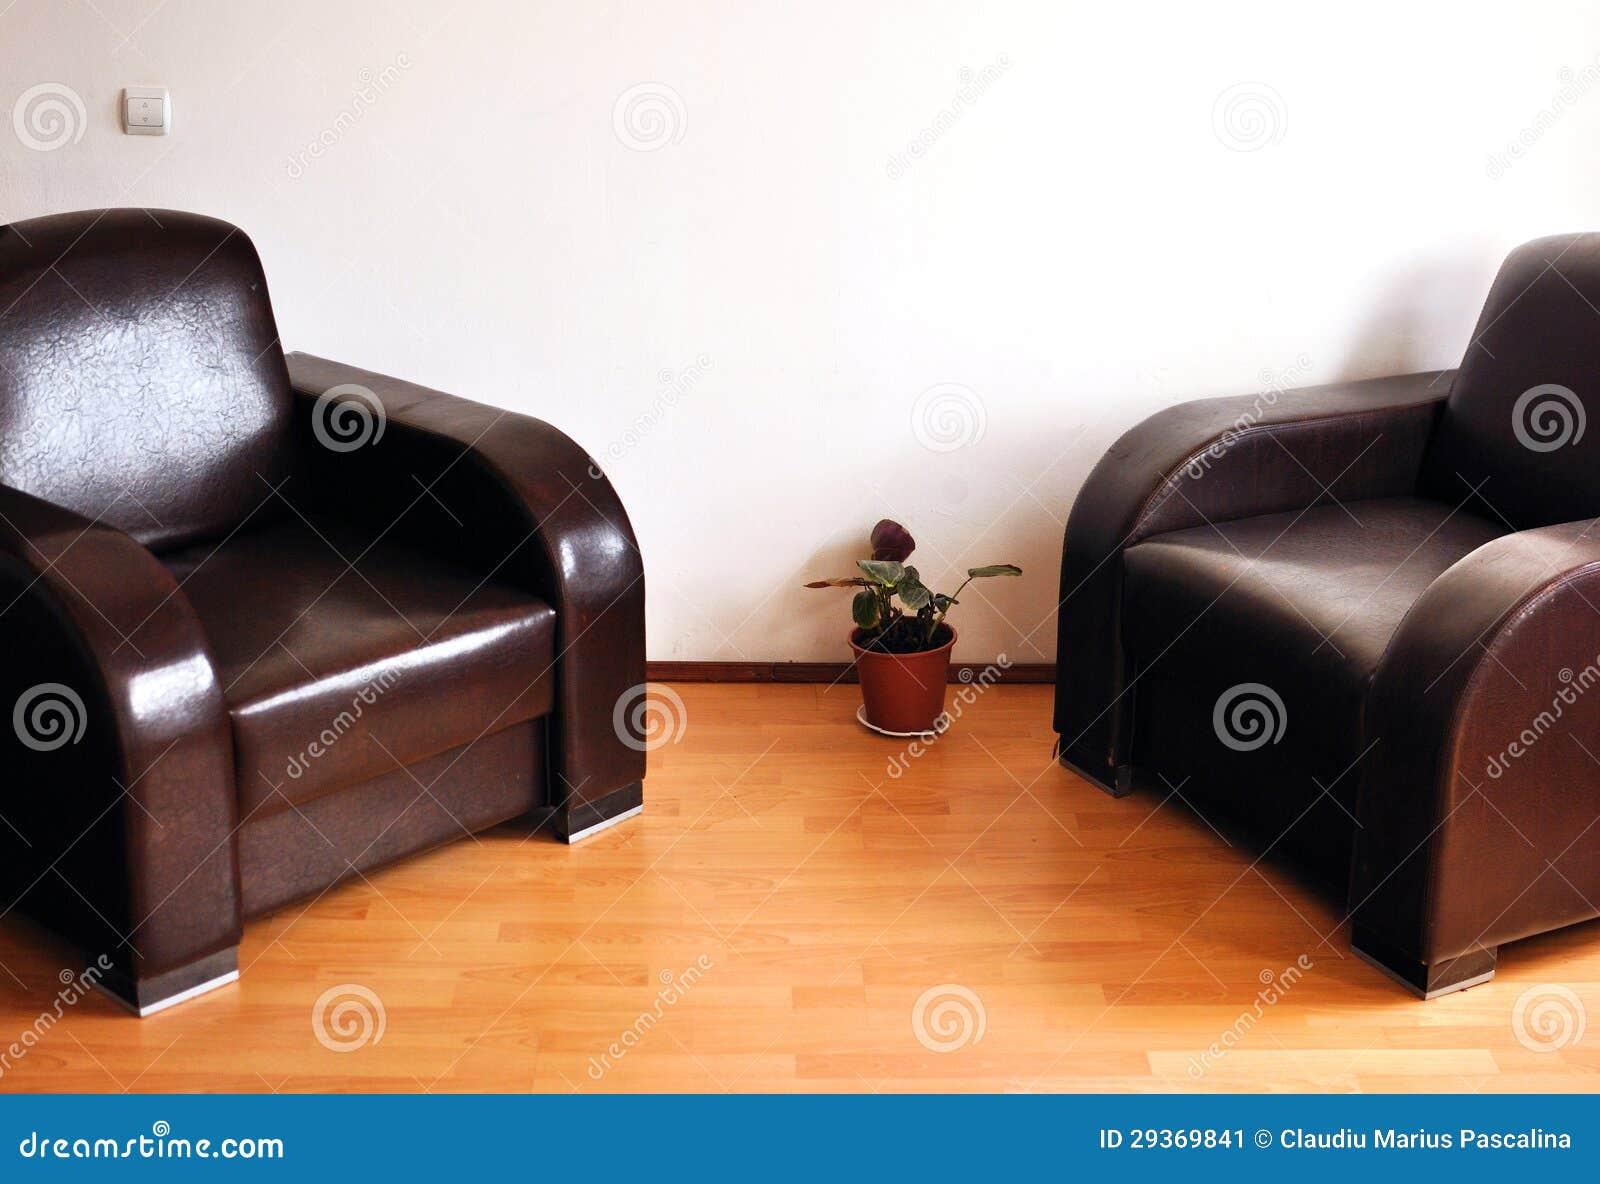 Muur ontwerp woonkamer groen bruin ~ anortiz.com for .